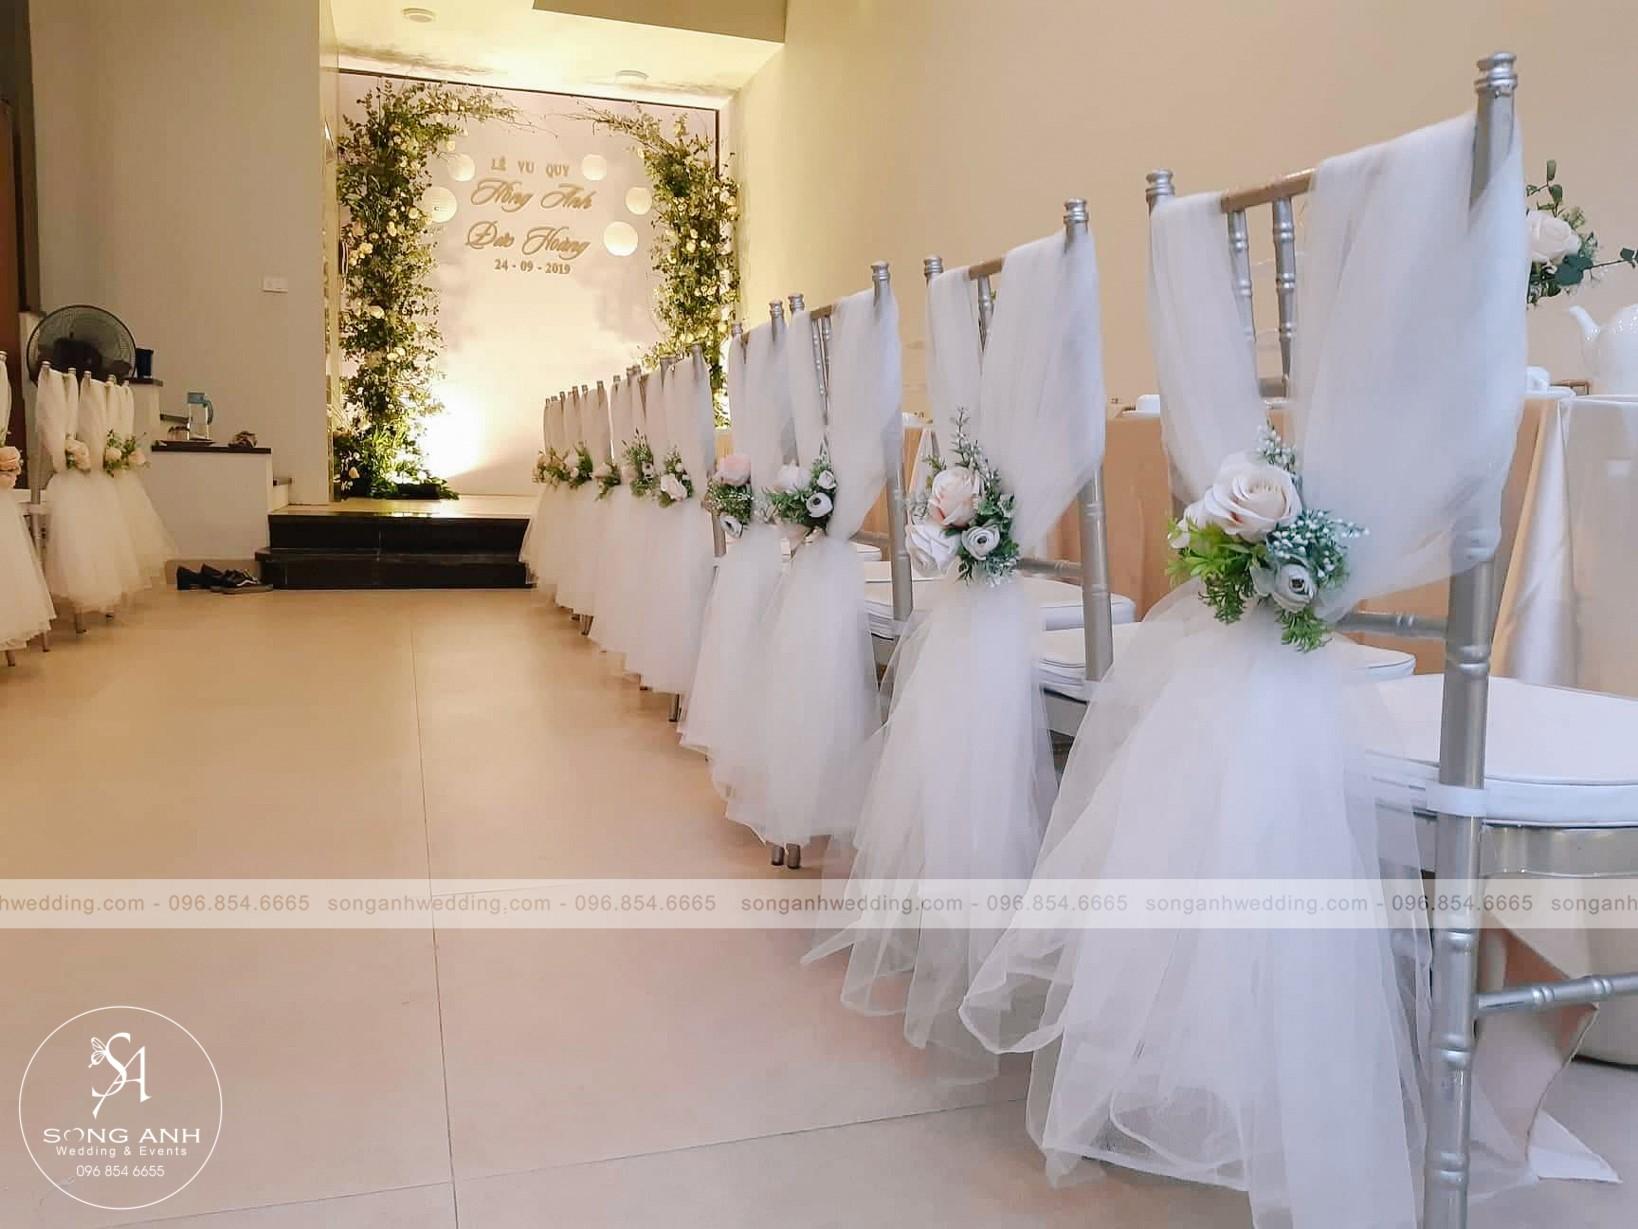 Chiếc ghế màu đồng kết hợp với dải voan xanh trong tiệc cưới